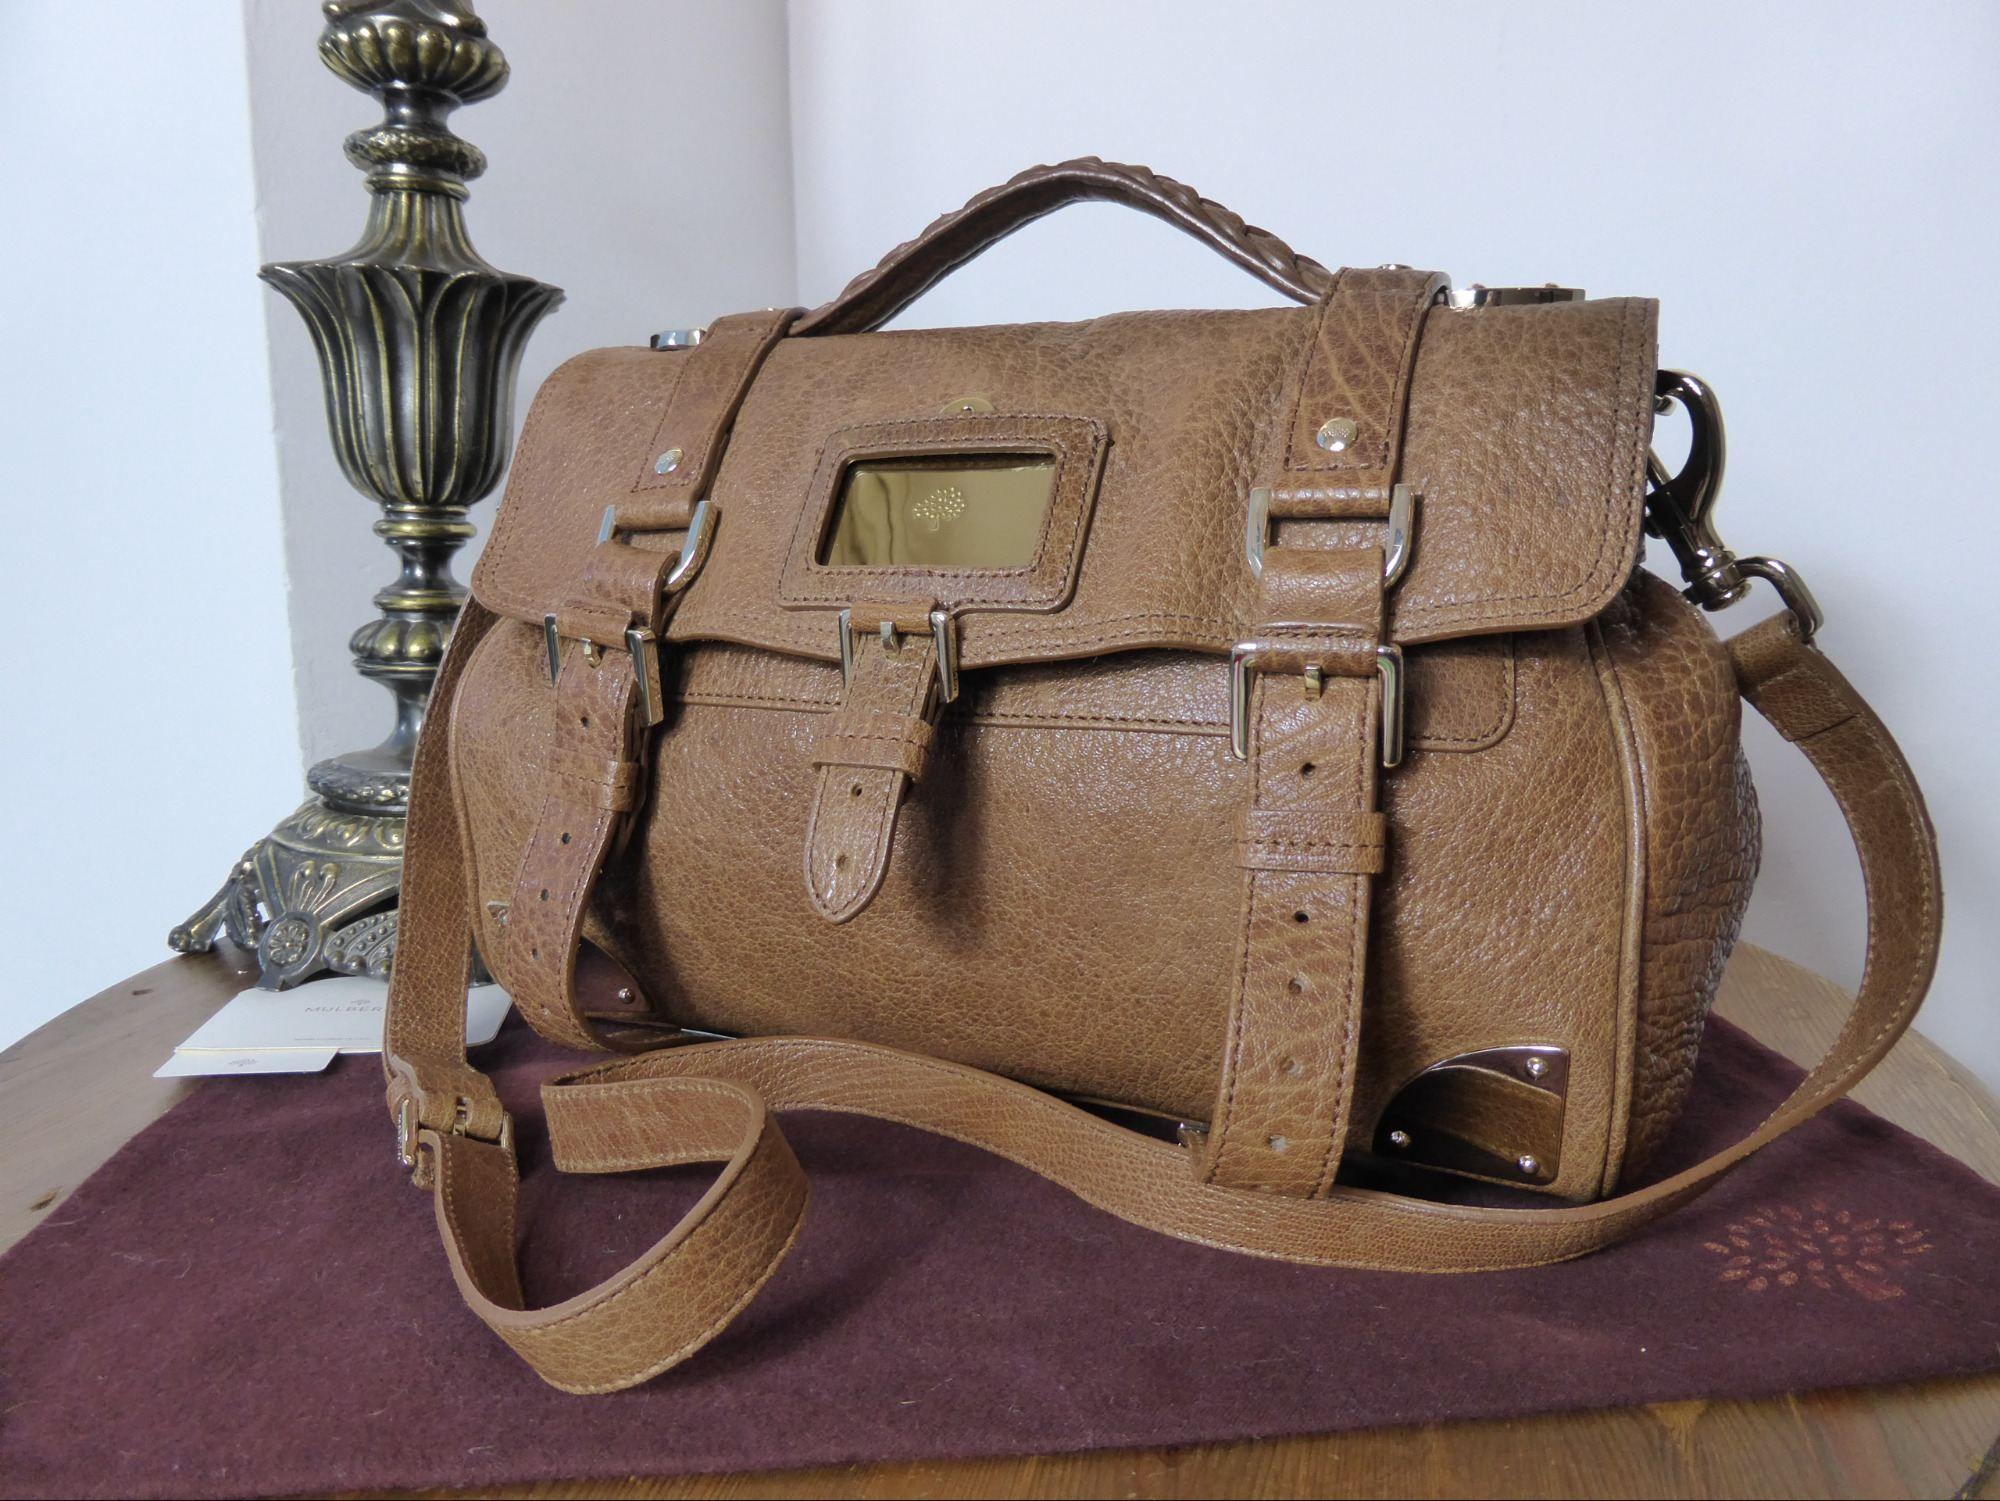 Mulberry Alexa Travel Day Bag In Oak Shiny Lambskin Leather Http Www Npnbags Co Uk Naughtipidginsnestshop Prod 4279375 Mul Lambskin Leather Day Bag Leather